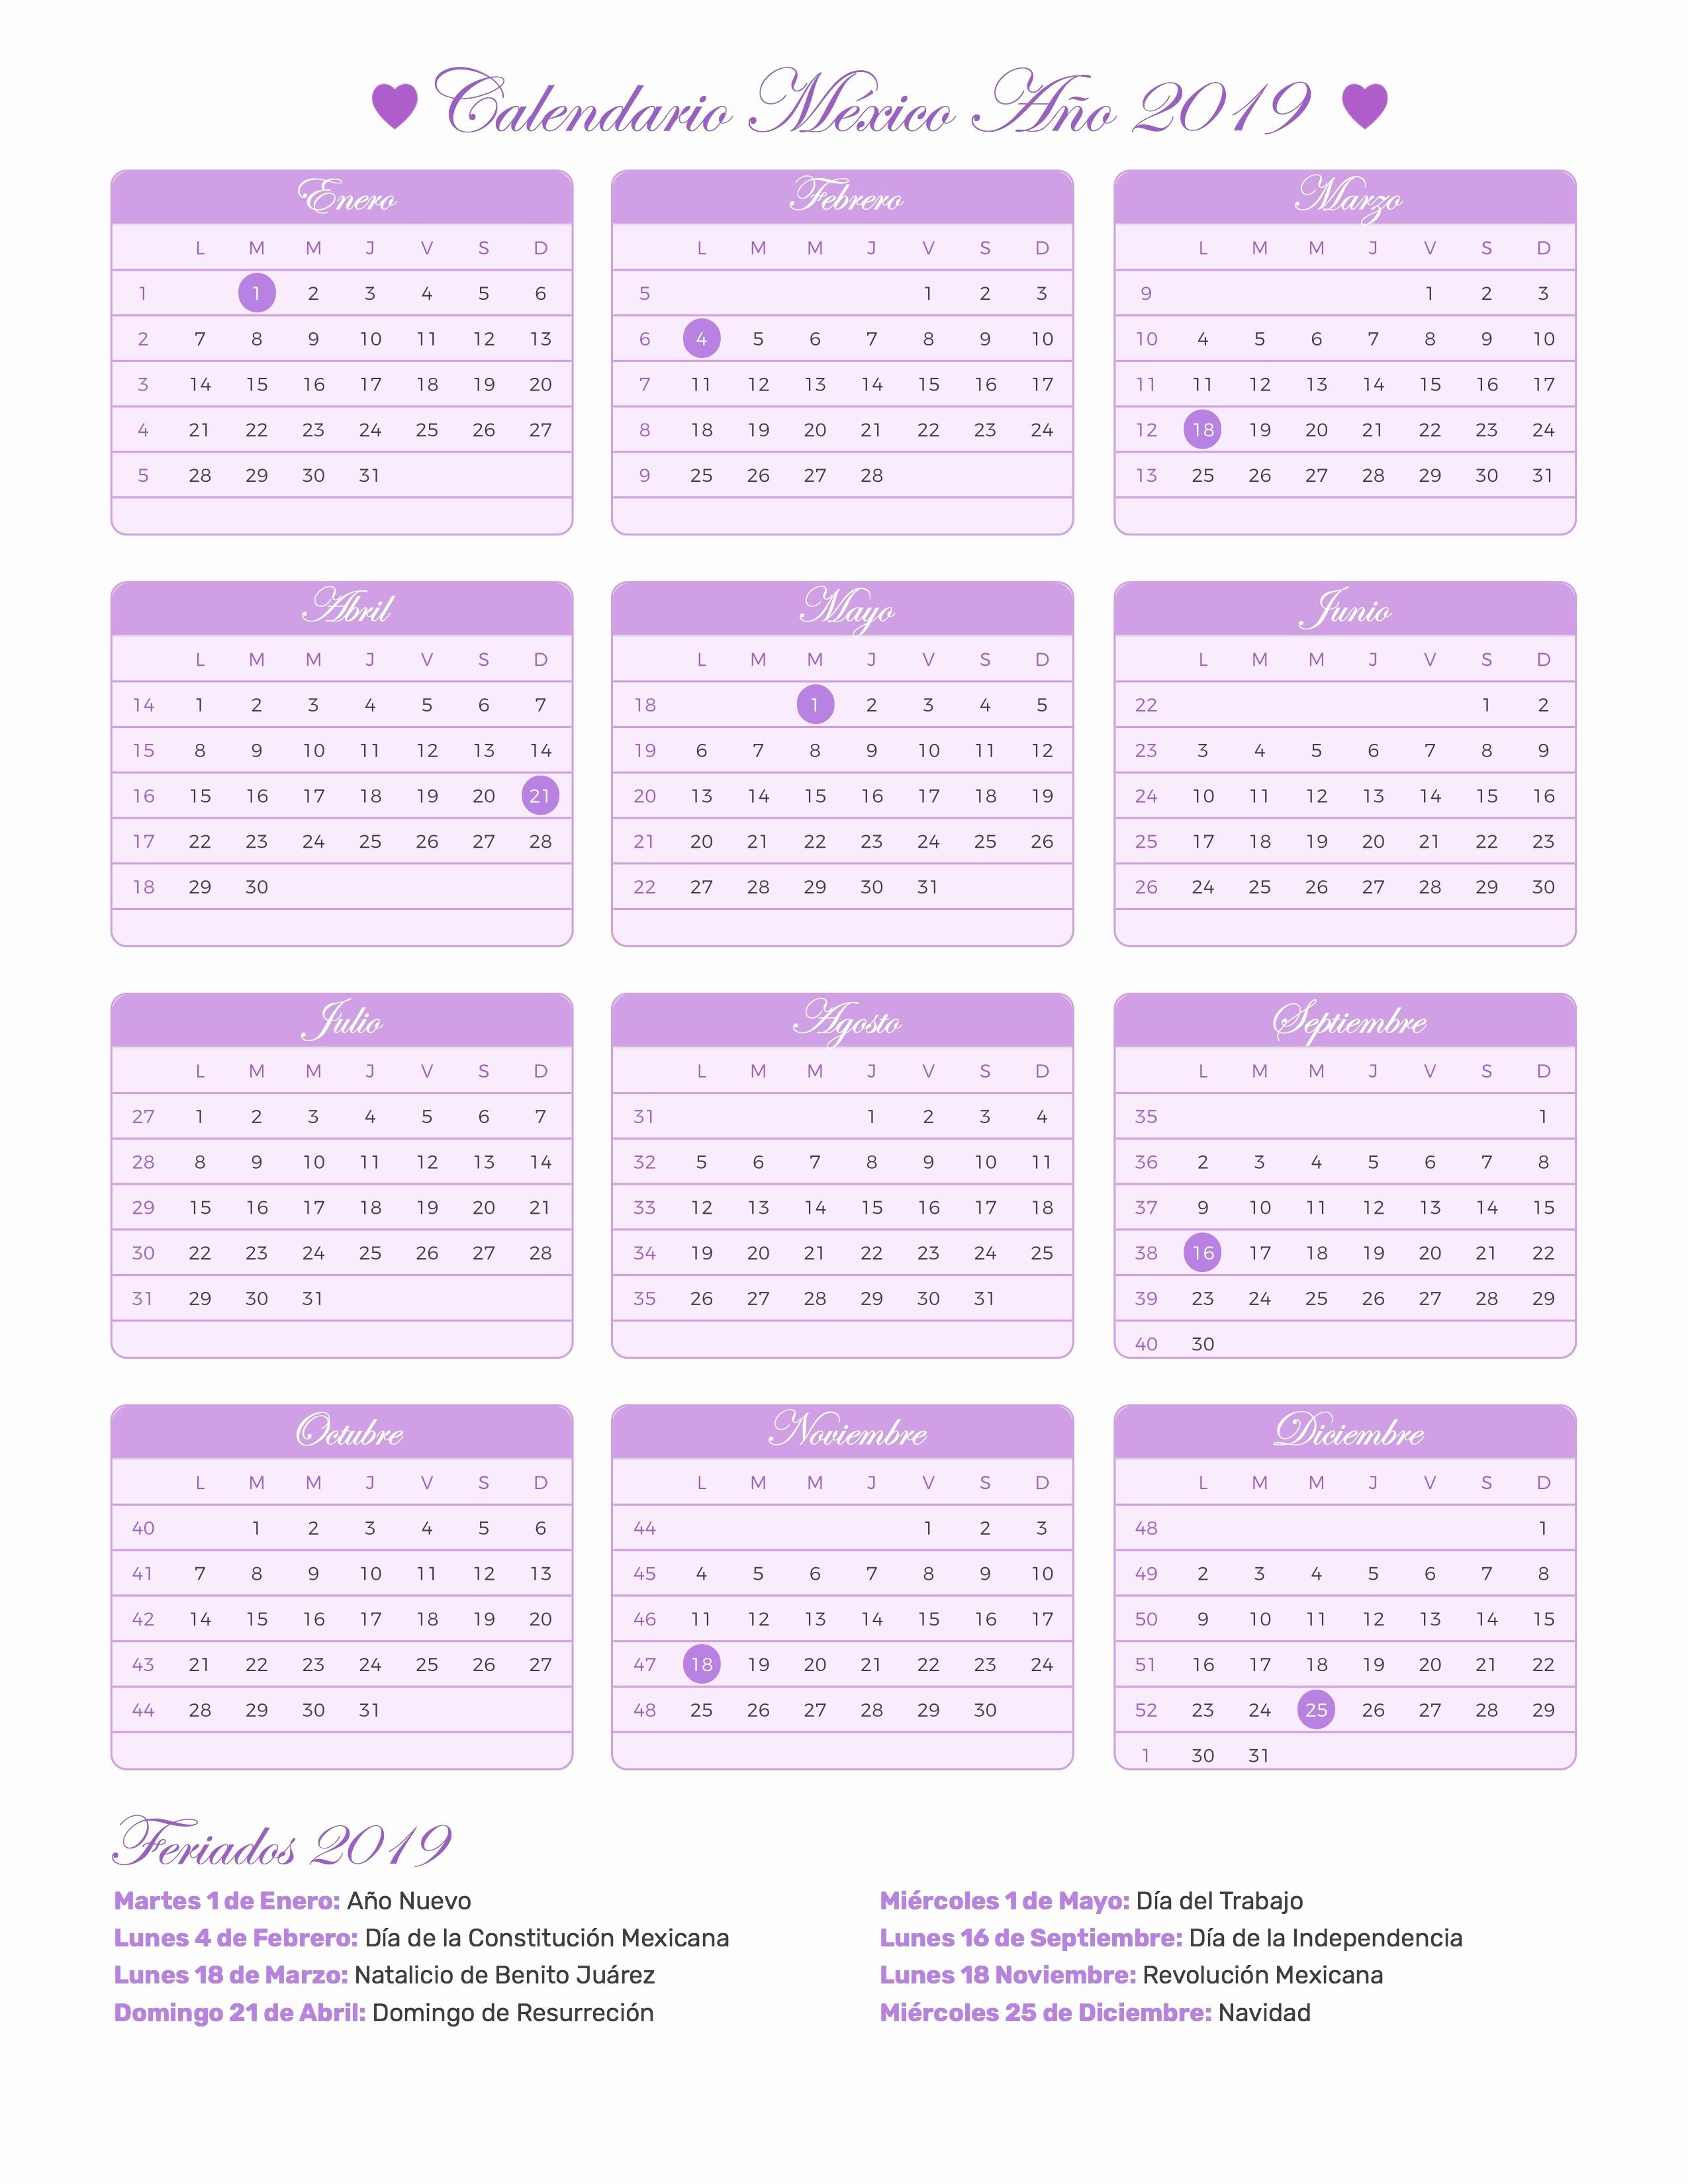 Calendario Diciembre 2017 Febrero 2018 Más Recientes Calendario Dr 2019 Calendario Laboral Madrid 2019 Of Calendario Diciembre 2017 Febrero 2018 Más Reciente Verificar Calendario Diciembre 2017 Mexico Para Imprimir